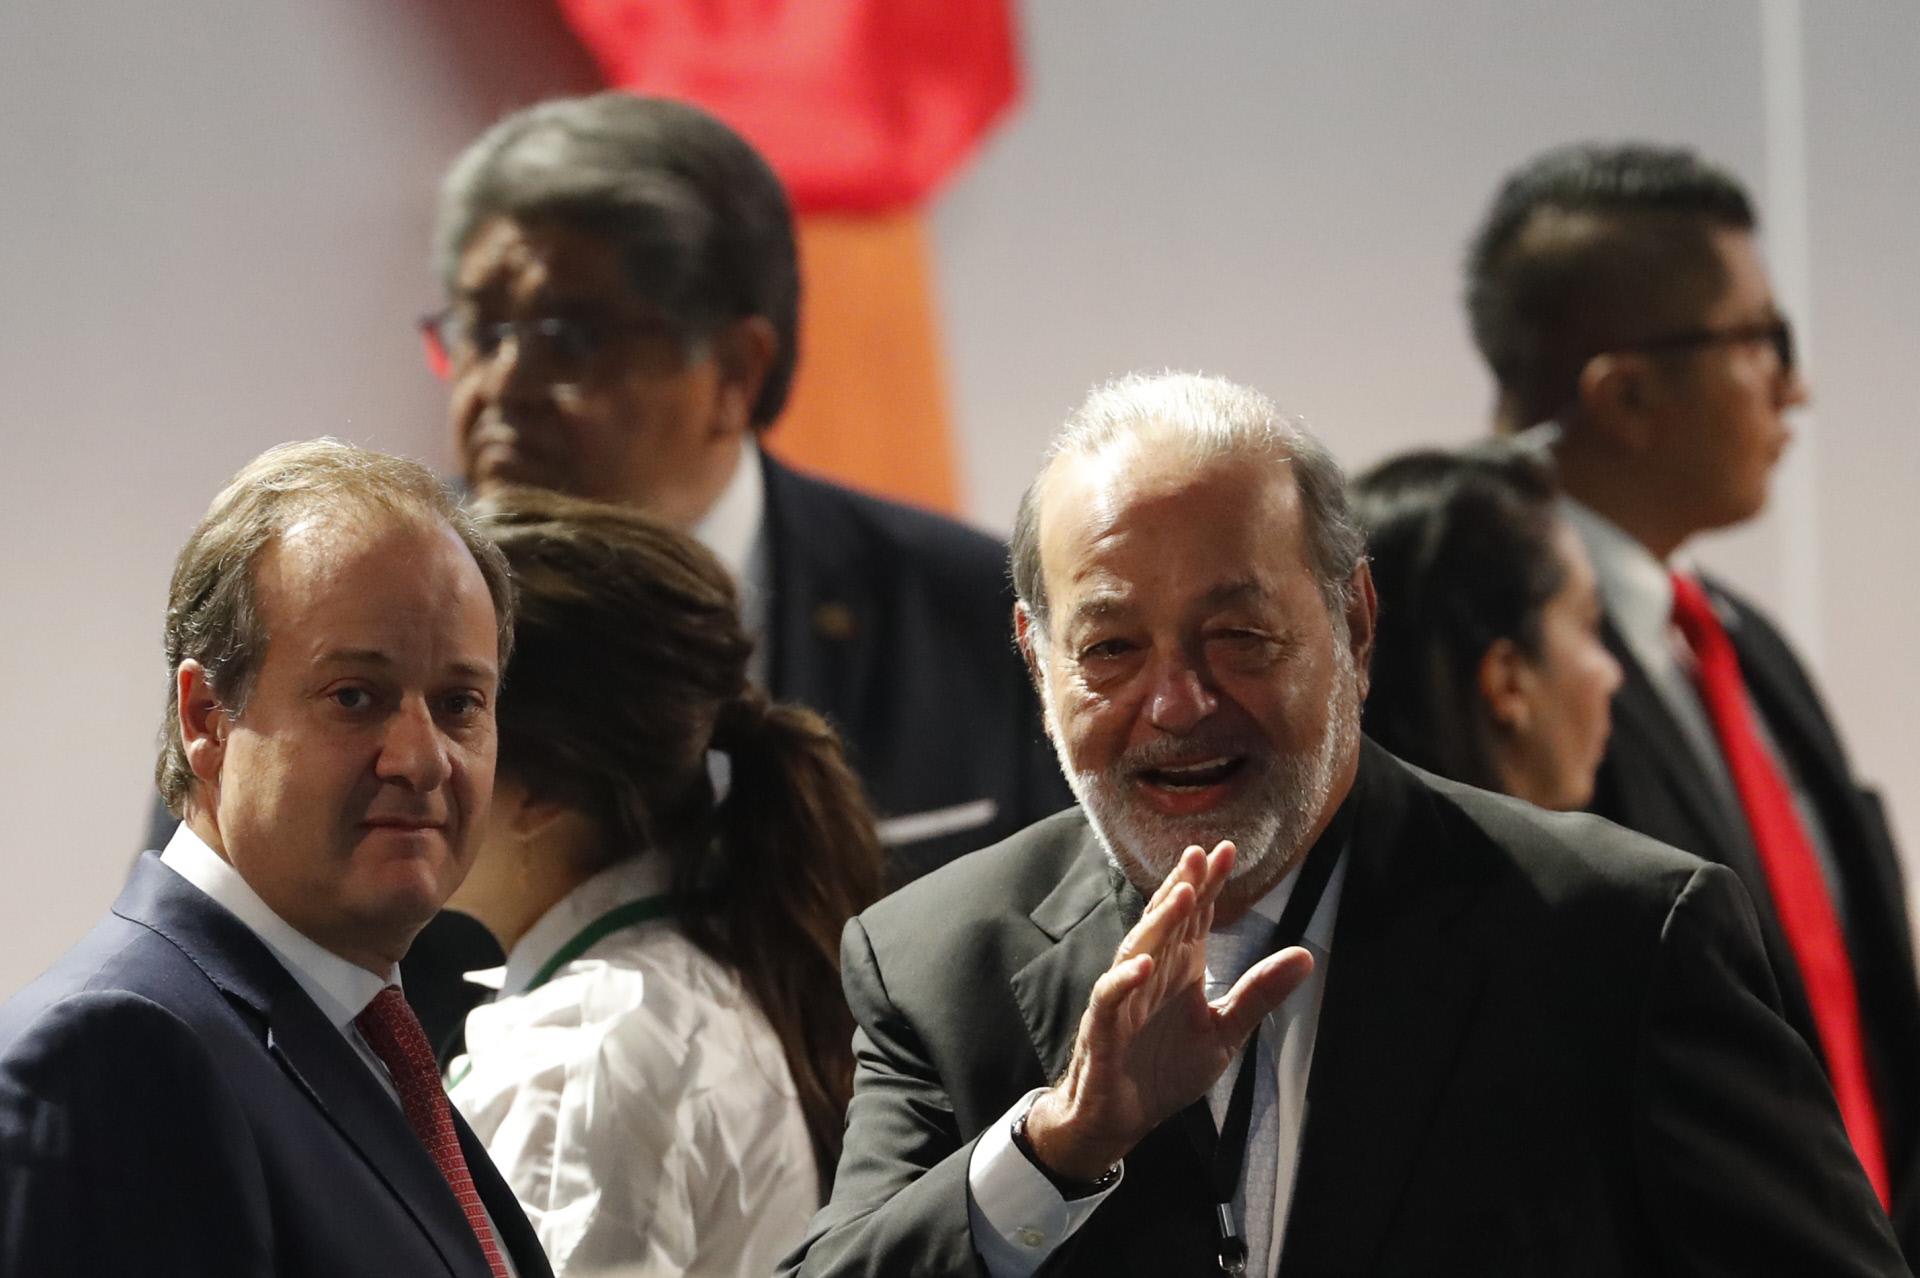 Carlos Slim saludando a la derecha de la imagen / Gtres